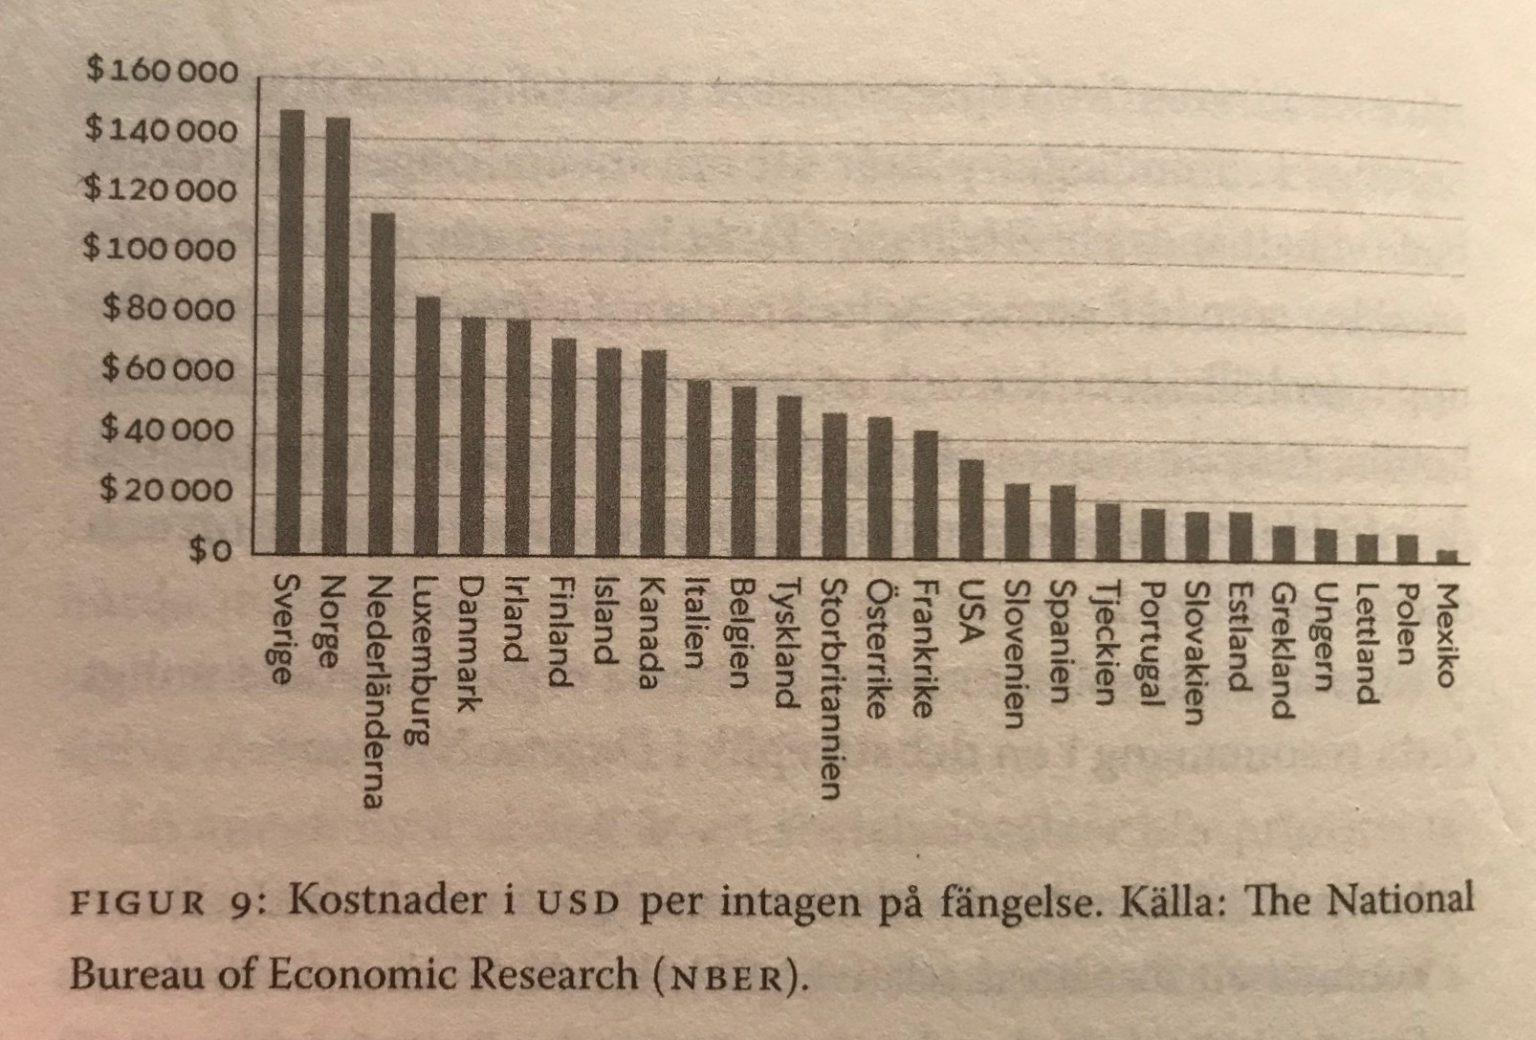 Ur Gangstervåld av F Kärrholm